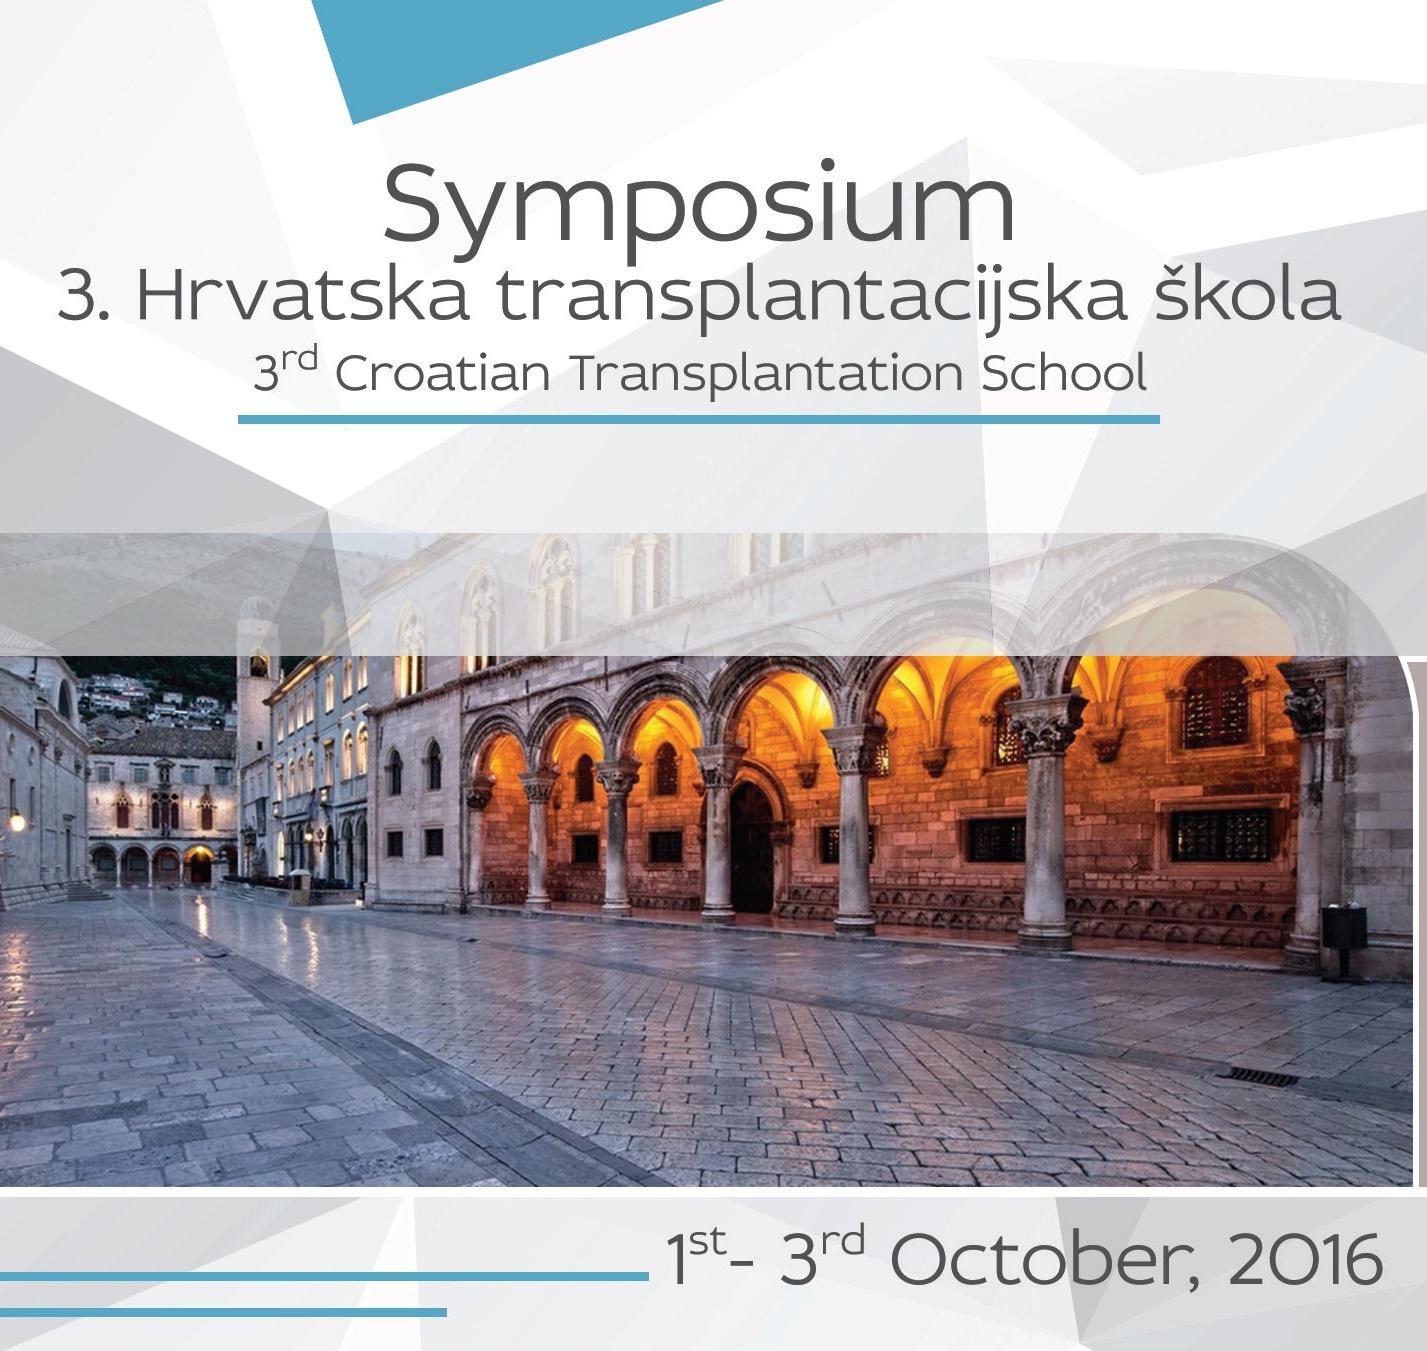 Symposium – 3rd Croatian Transplantation School